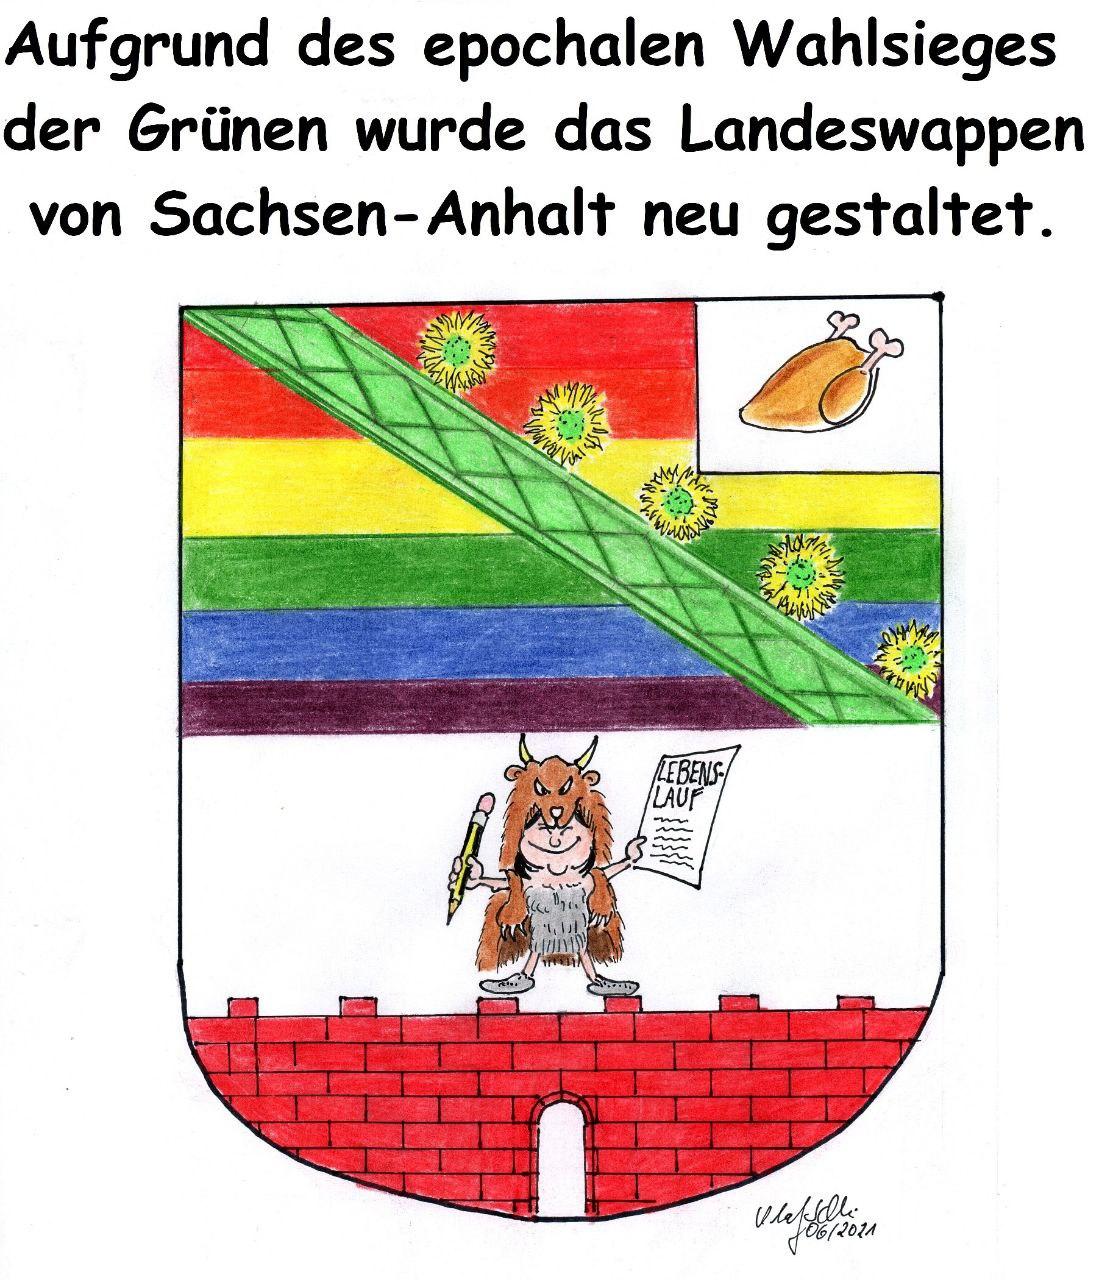 Nach der Wahl: Neues Landeswappen für Sachsen-Anhalt